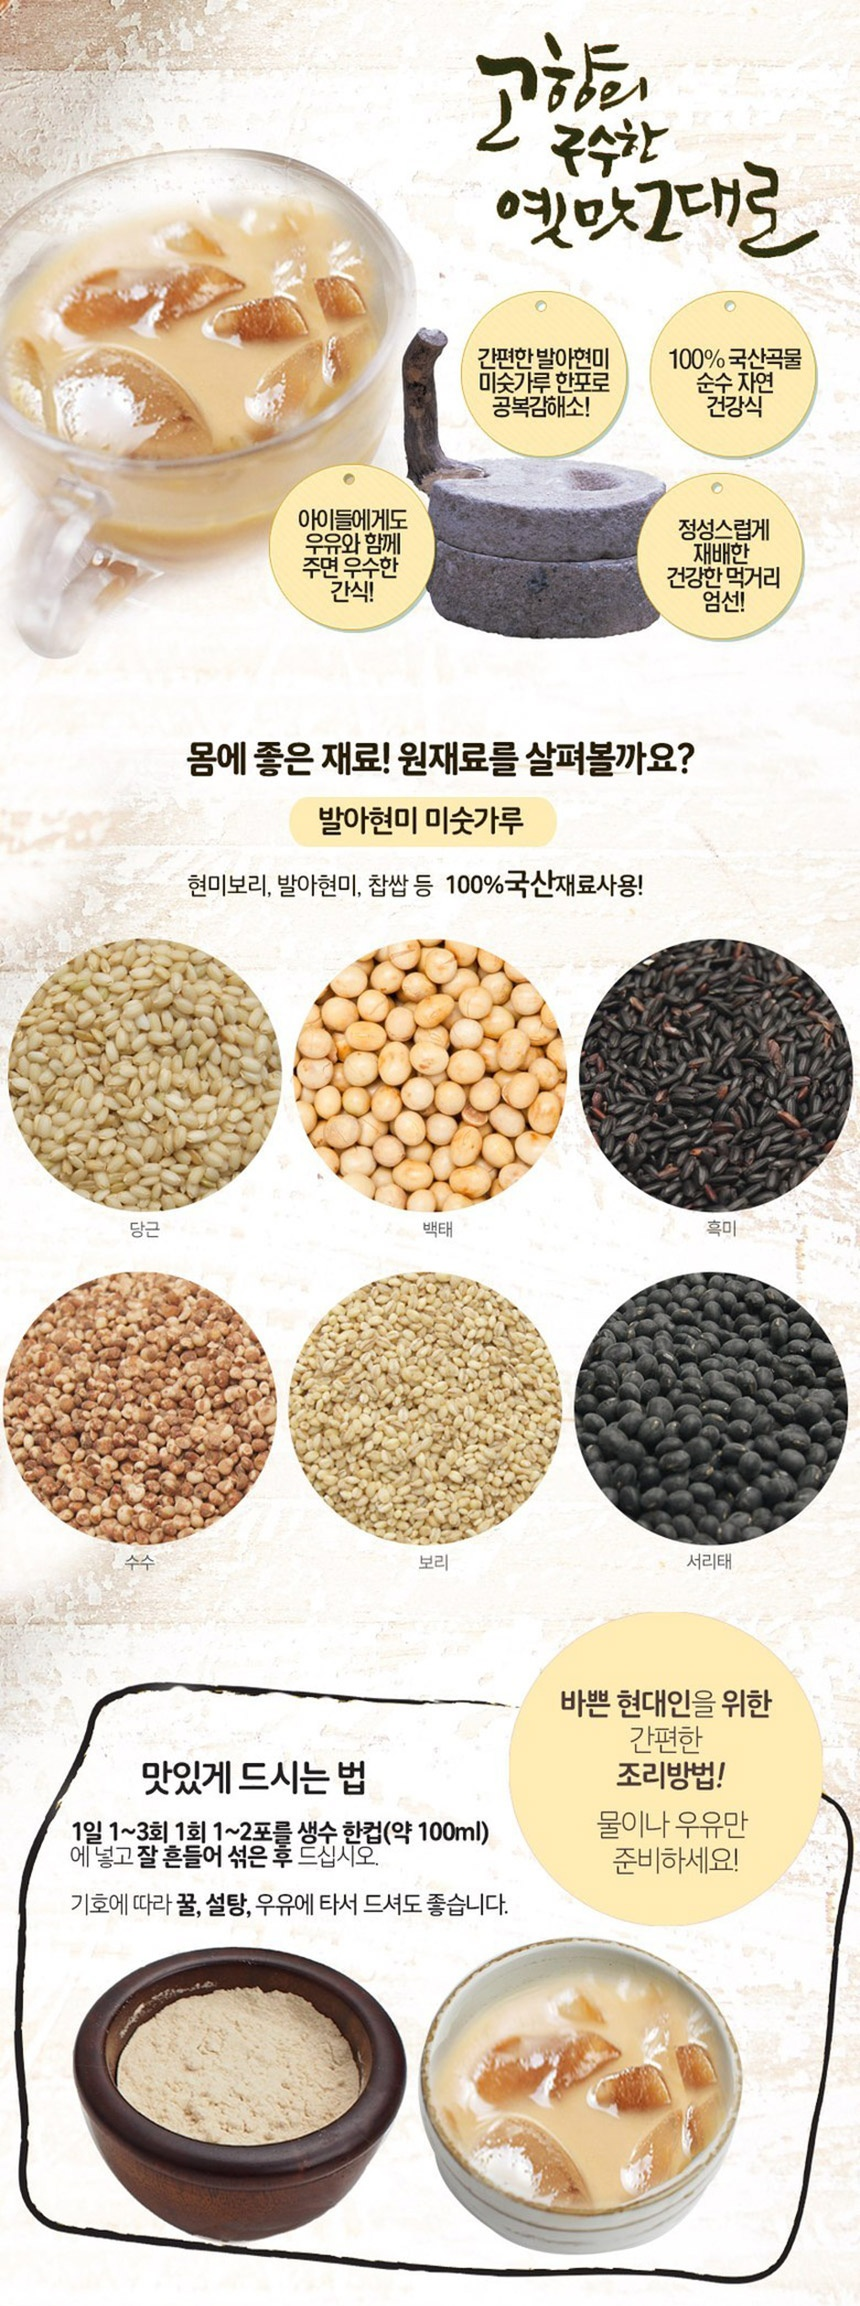 유기농 발아 현미 미숫가루 체험단 모집 (06.02~06.14)